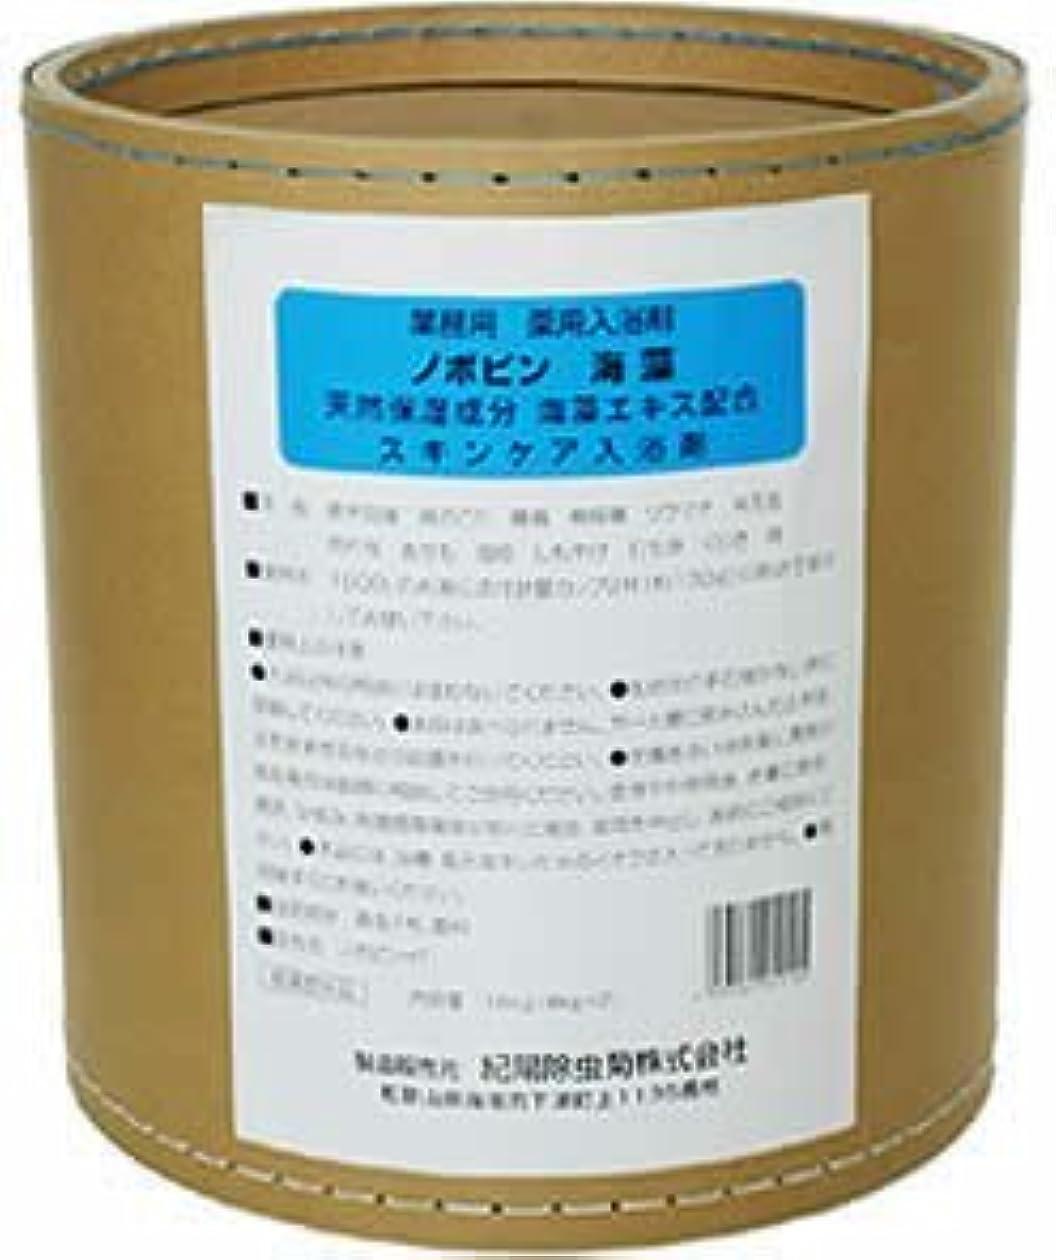 松の木鹿化粧業務用 入浴剤 ノボピン 海藻 16kg(8kg*2)